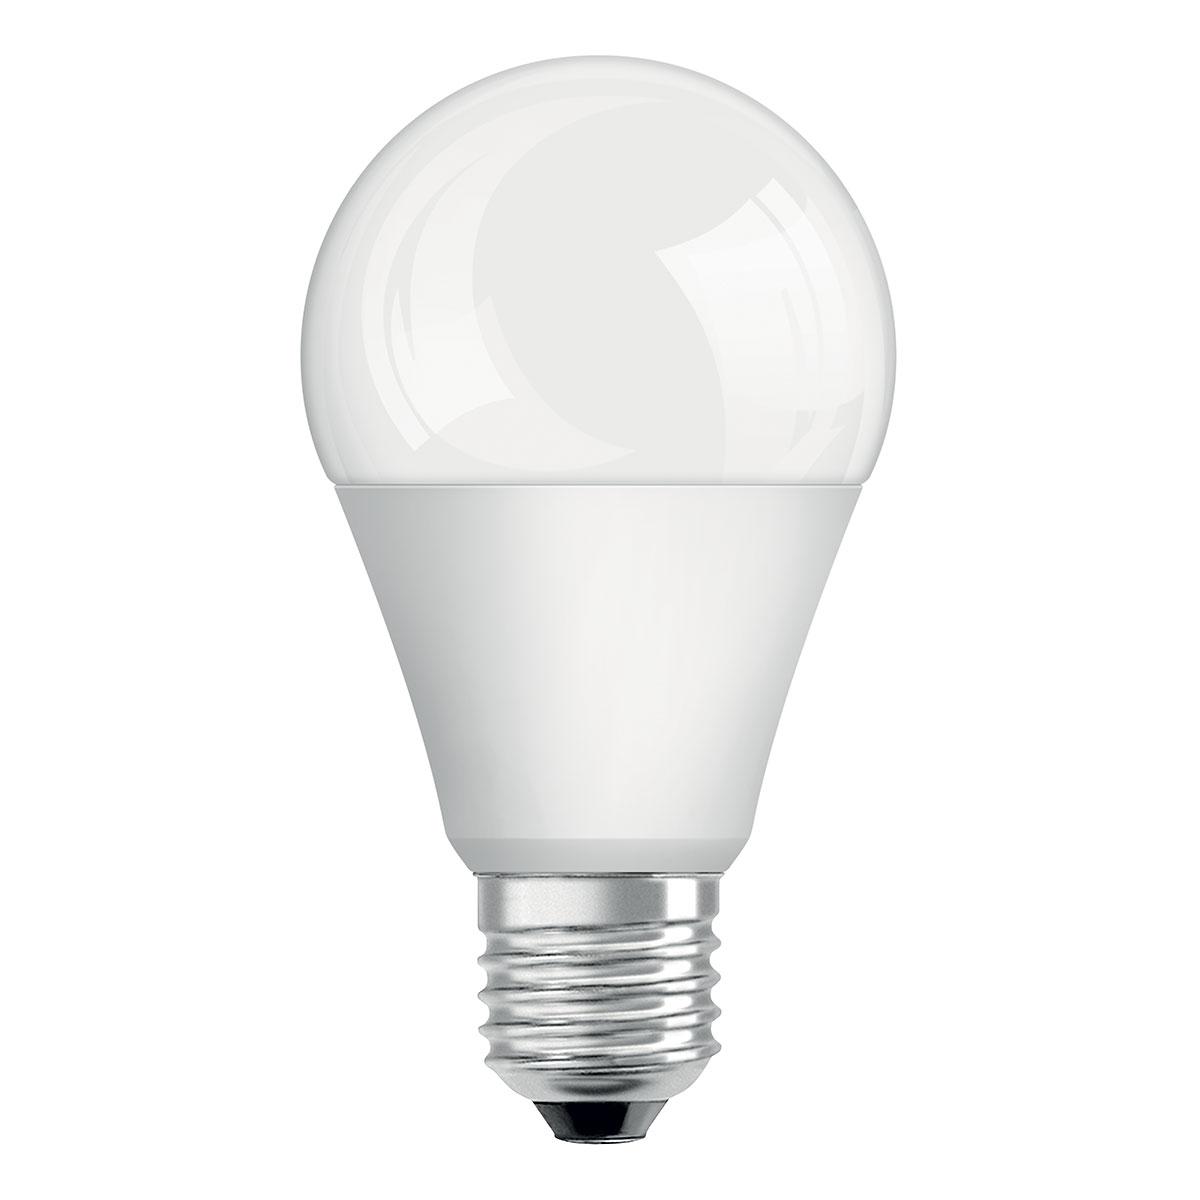 osram ampoule led star classic standard e27 13w 100w a ampoule led osram sur ldlc. Black Bedroom Furniture Sets. Home Design Ideas